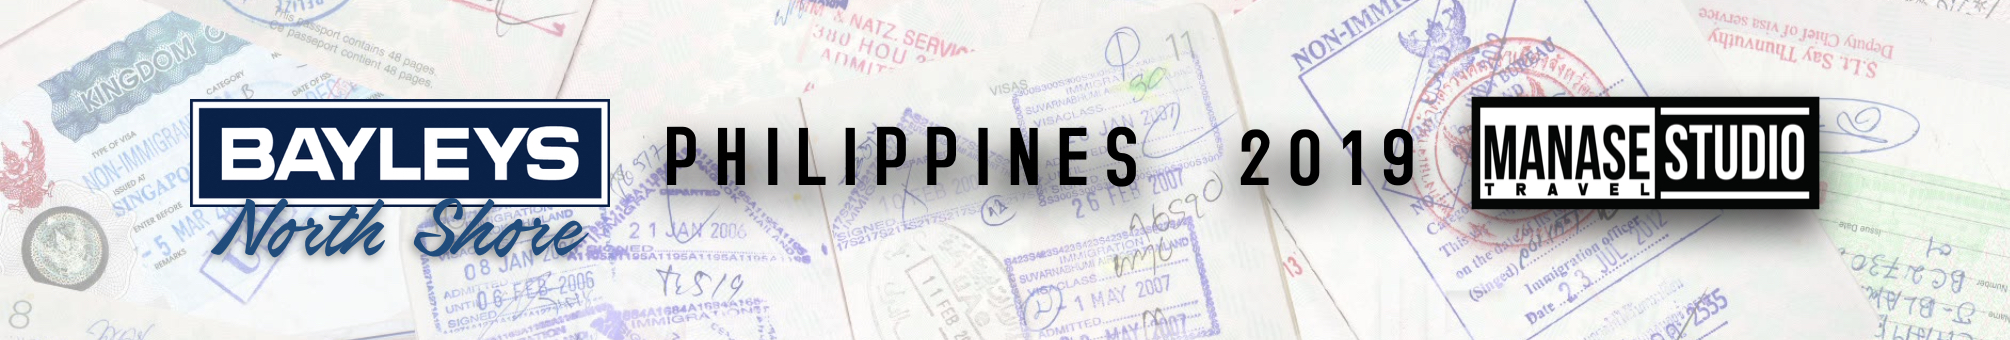 Philippines Header.jpg